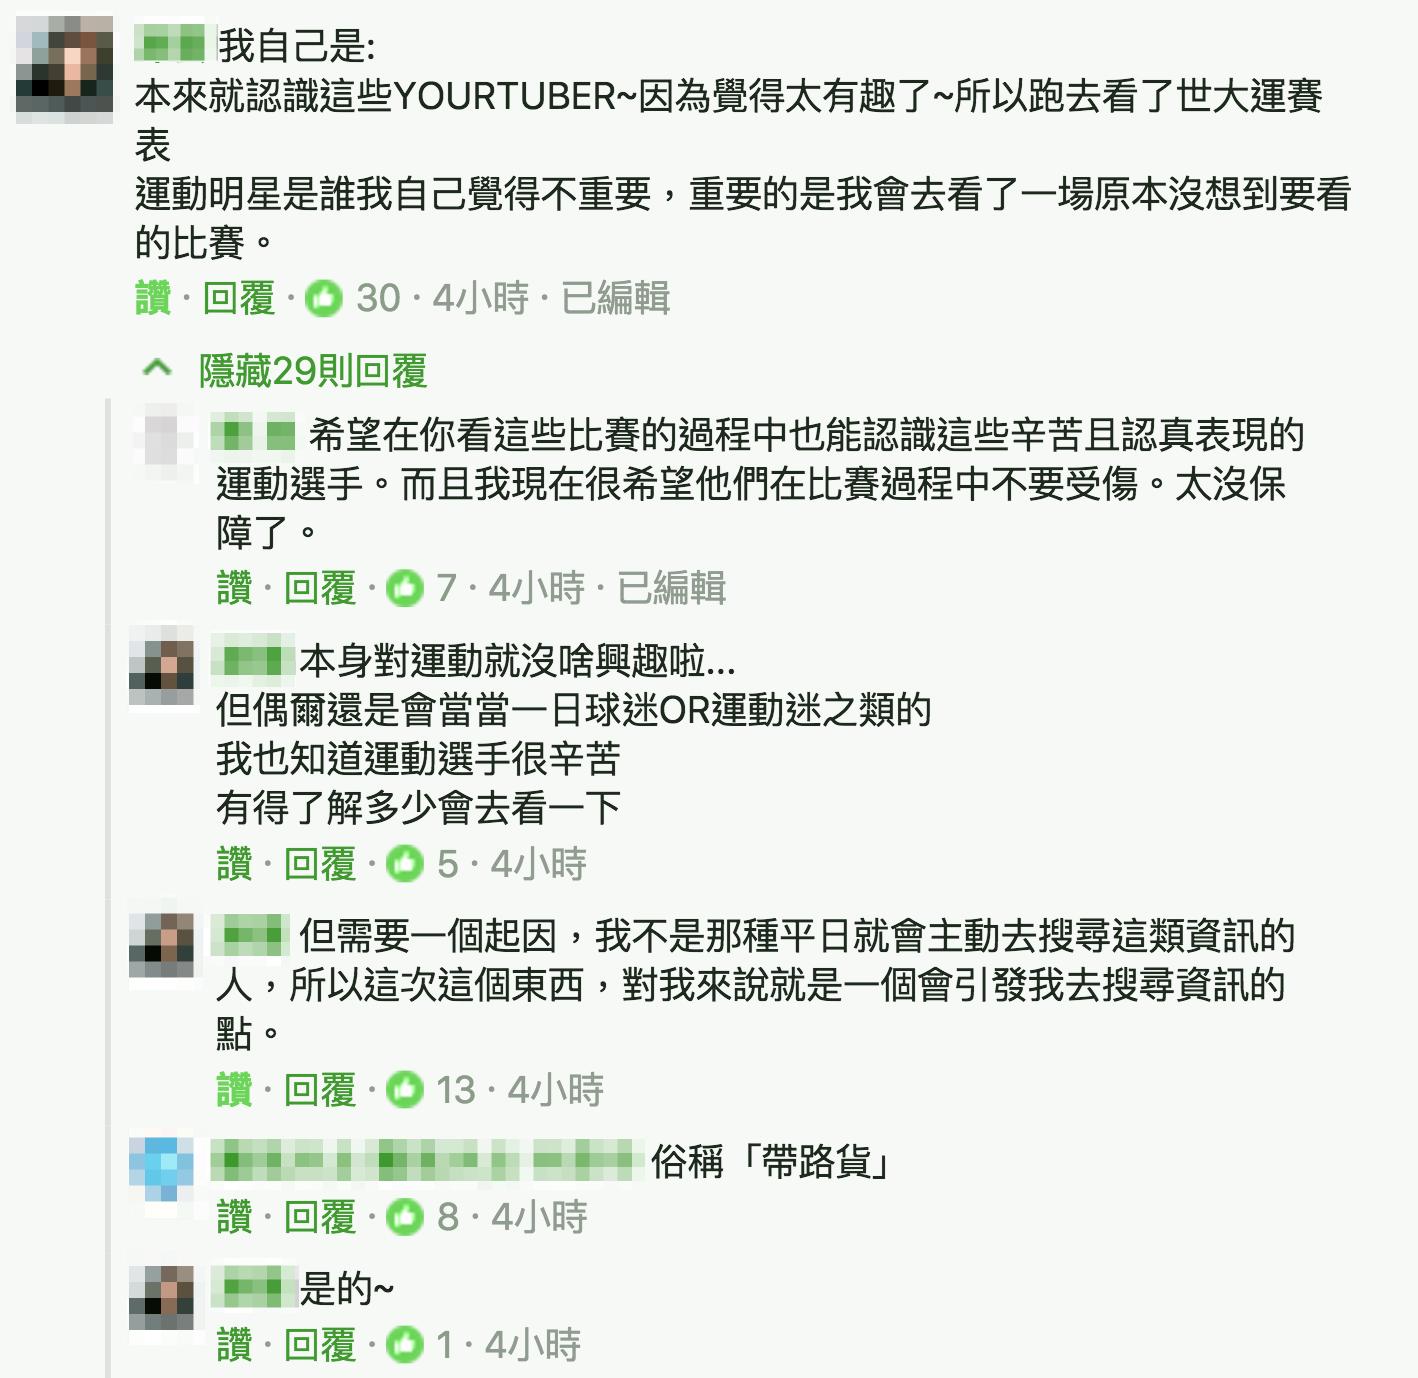 關於柯文哲找 Youtuber 行銷世大運的 FB 討論,有人提出了正面的說法。